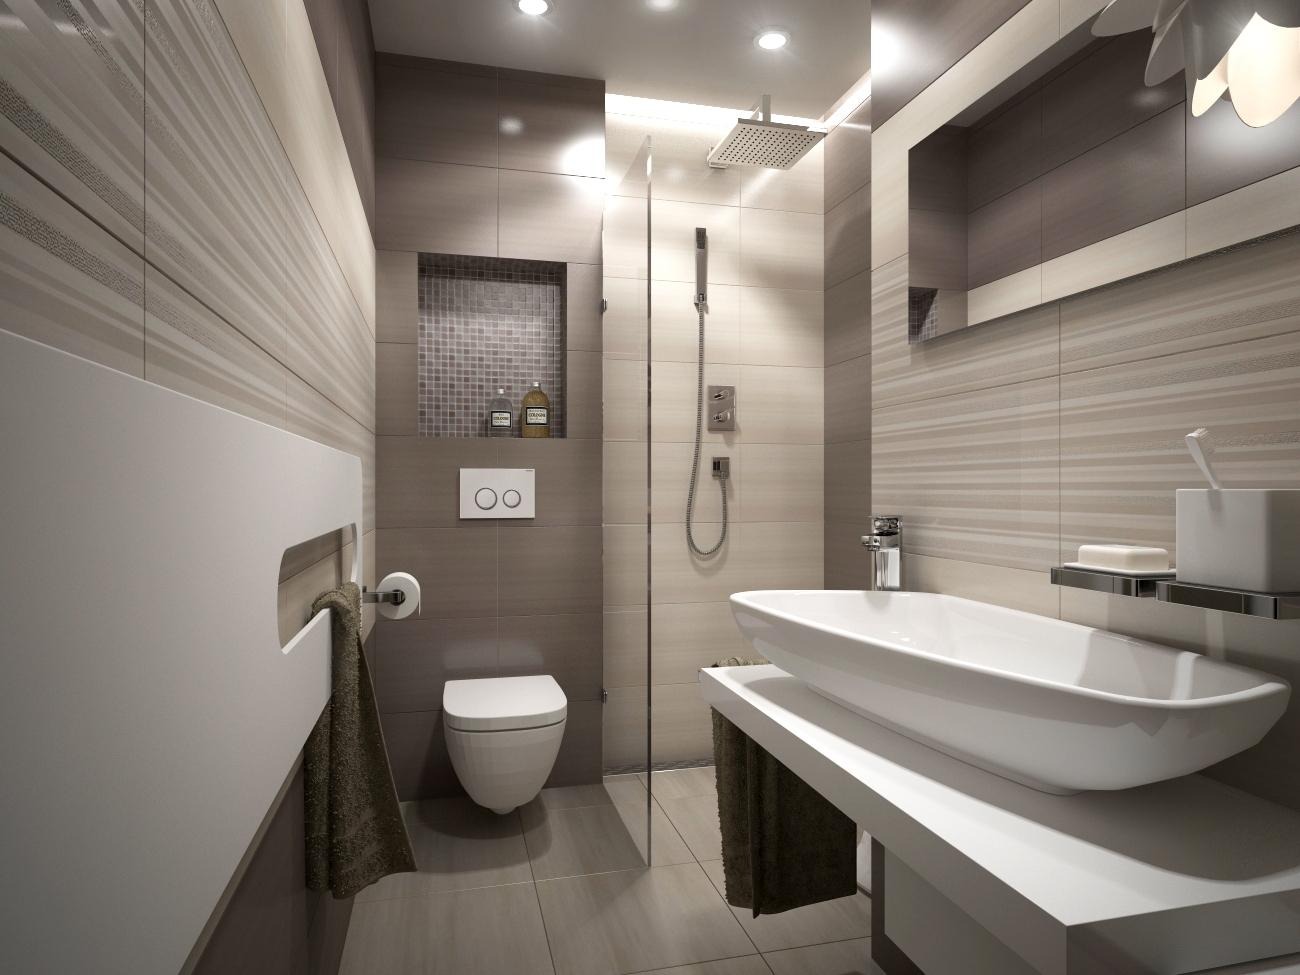 Pohľad do vašej budúcej kúpeľne - Obrázok č. 11